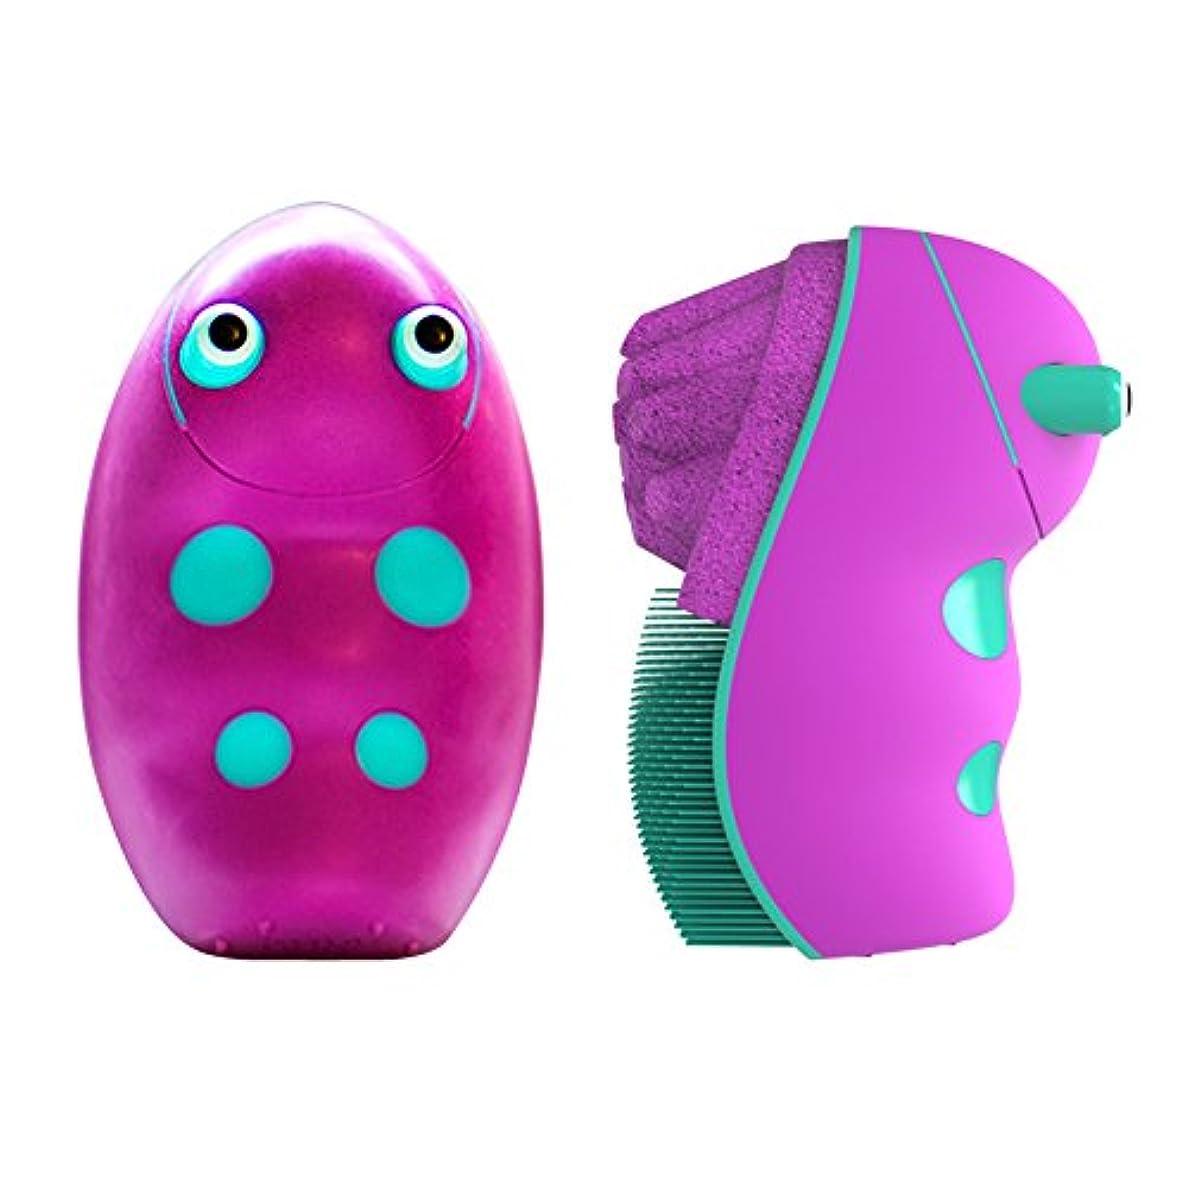 収入研磨壮大(スクラブバグ)Scrub Bugs キッズ細菌ケア手洗浄ブラシ (グレープ)